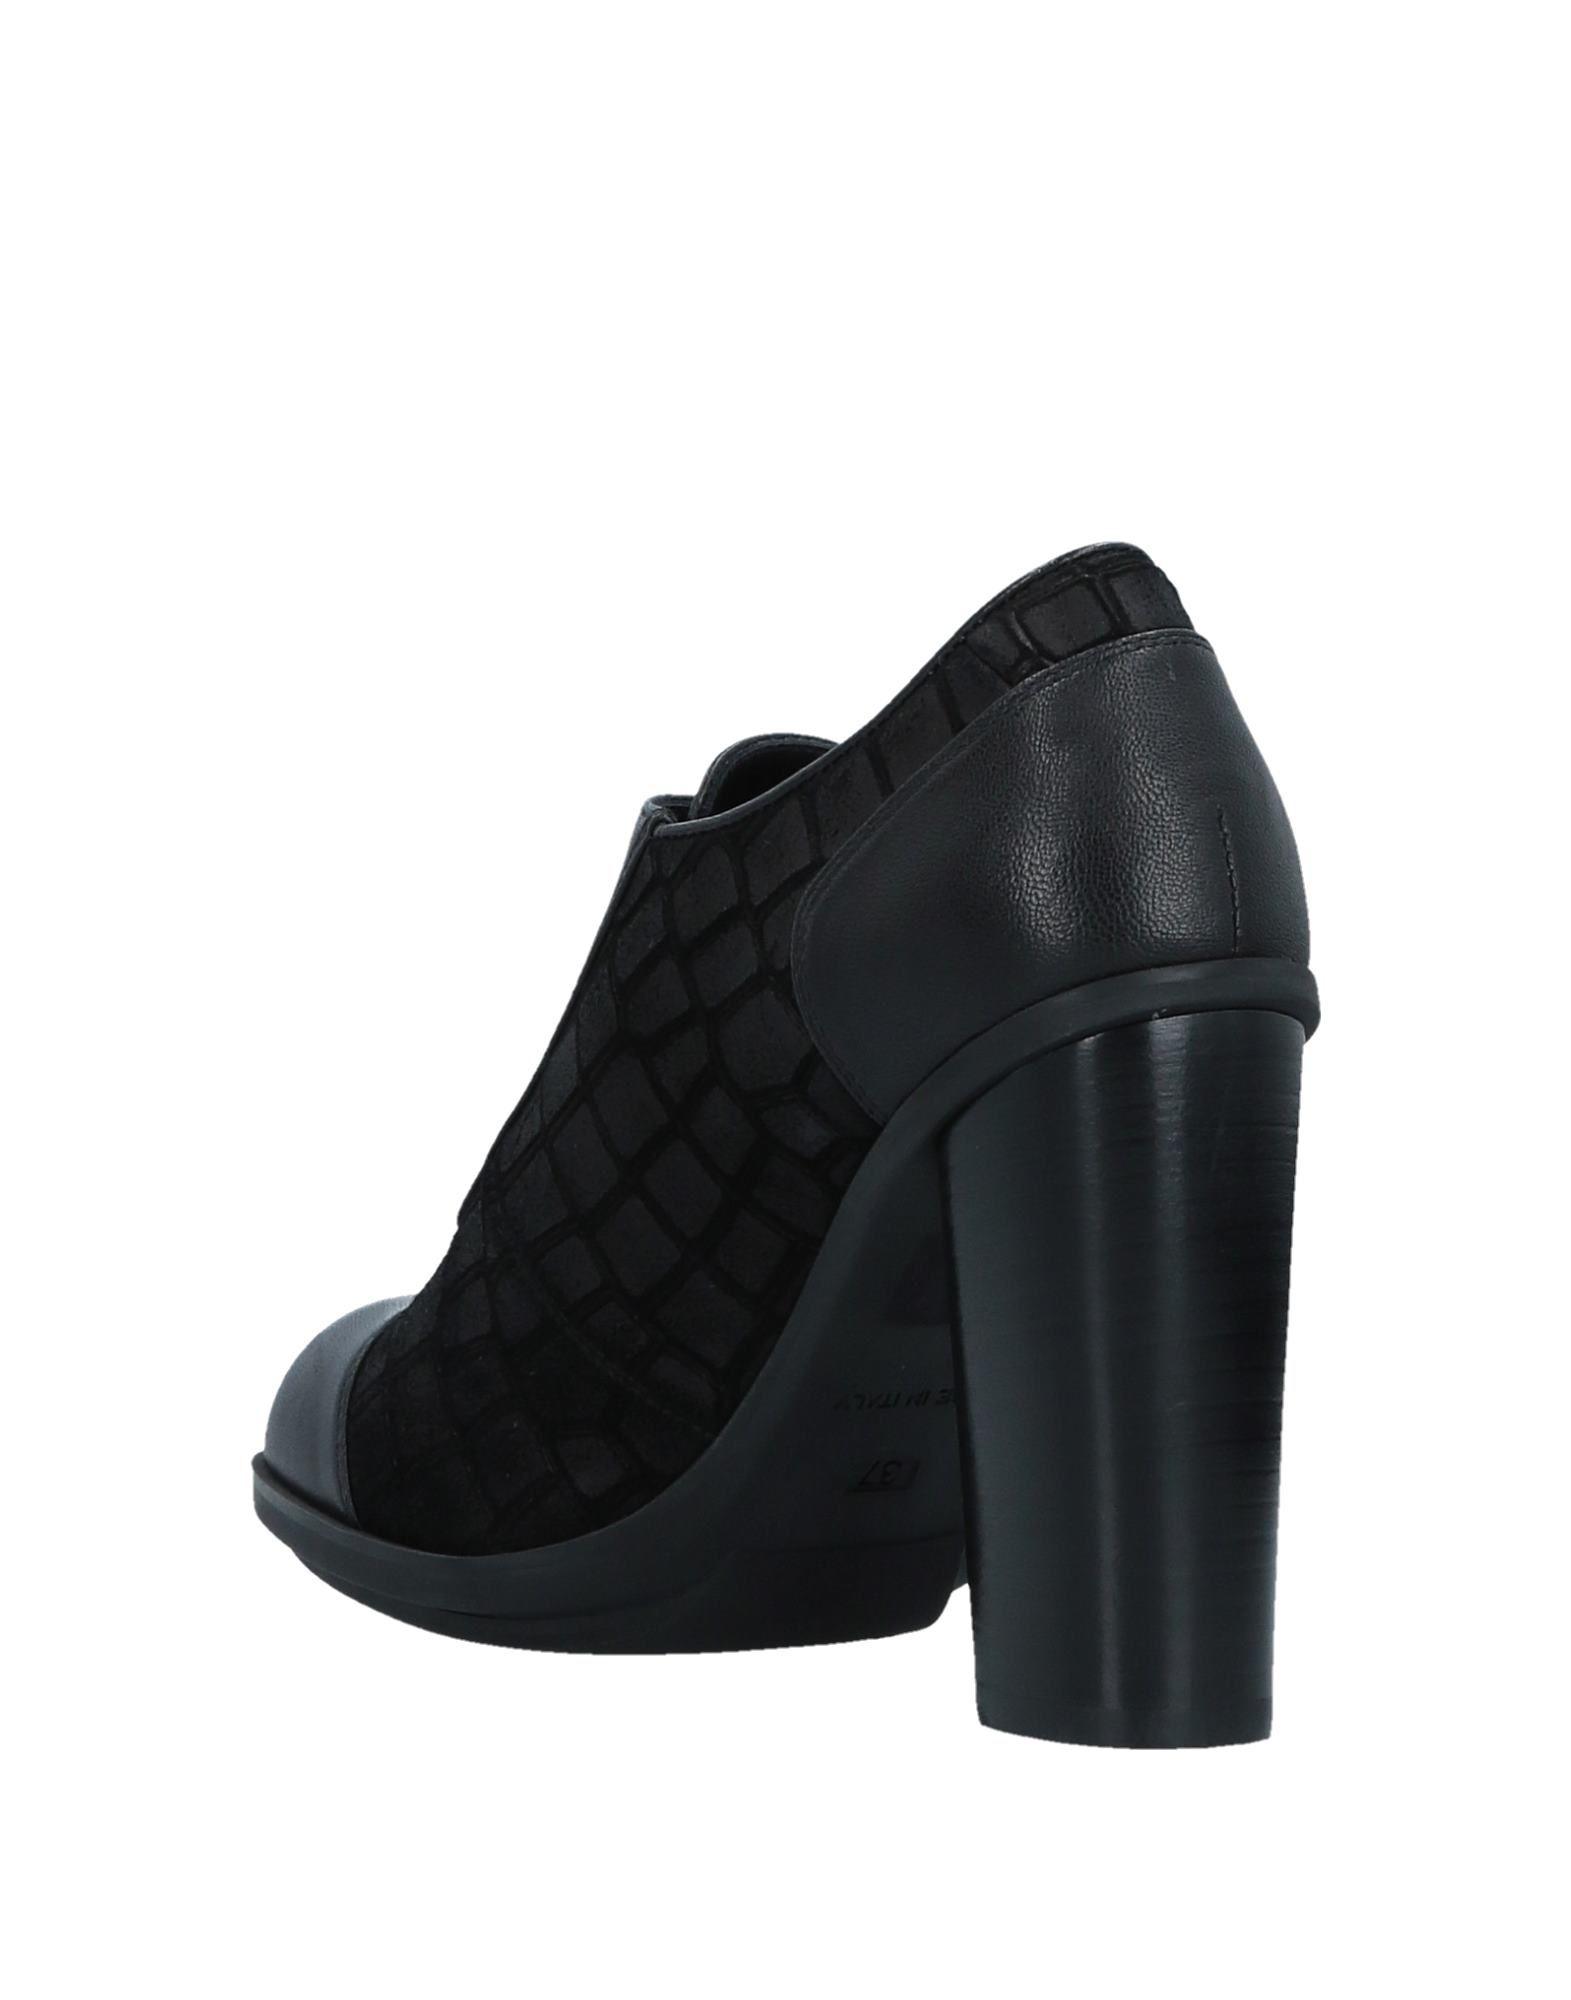 Heiße Loriblu Schnürschuhe Damen  11522381LK Heiße  Schuhe 2d1cb4